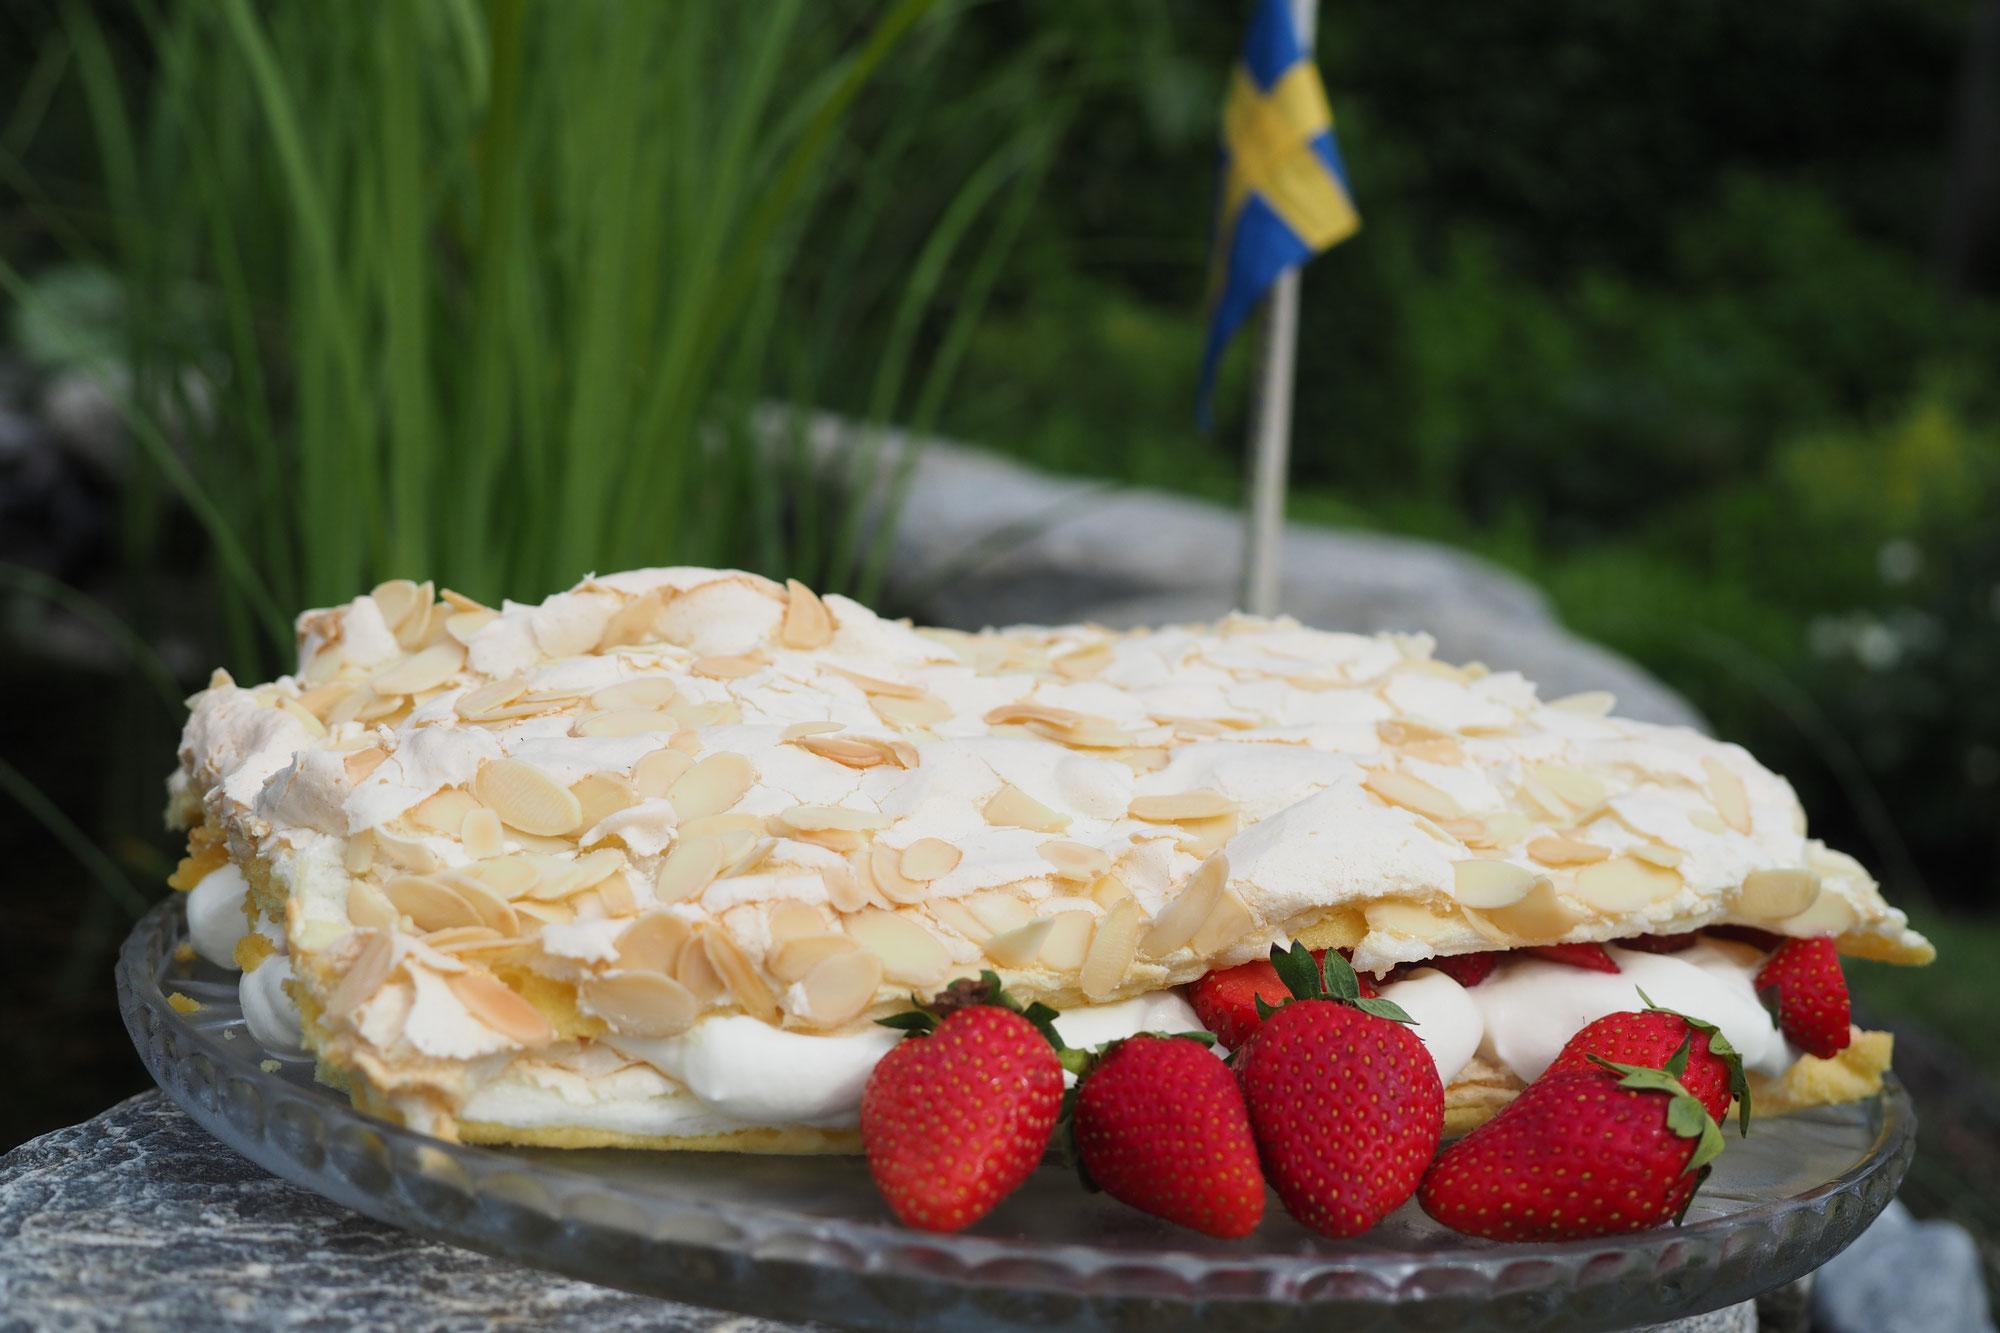 Mittsommerfest, Wiesenblumen und Erdbeertorte – Jetzt ist der Sommer da!